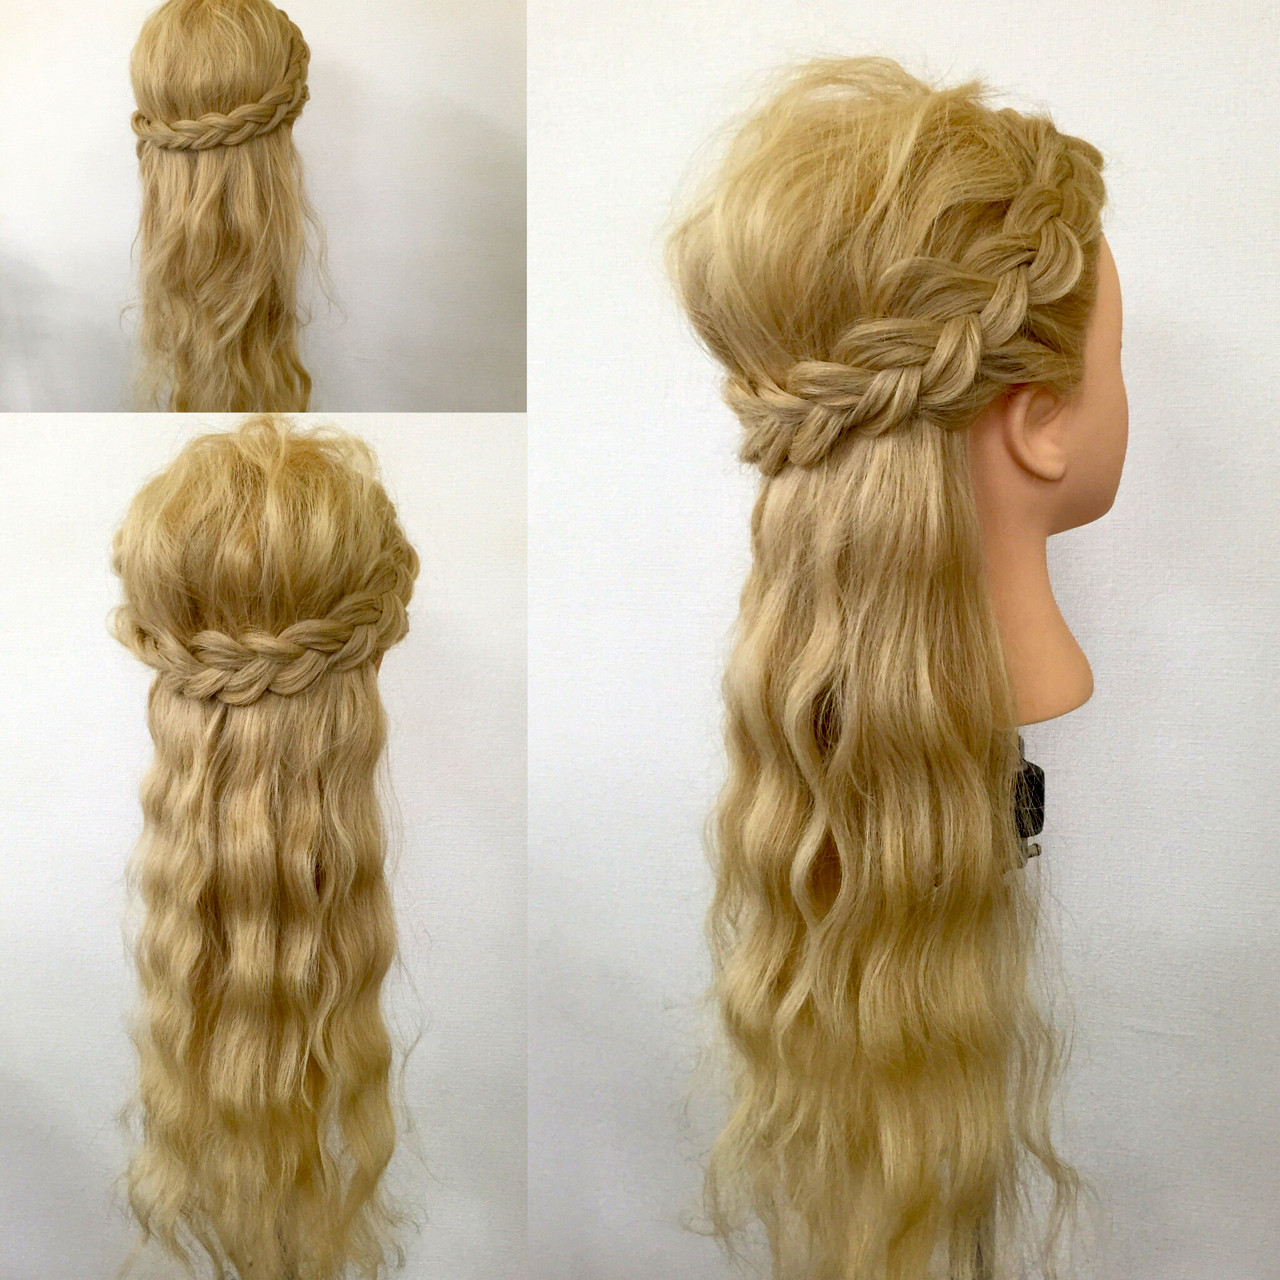 ショート 外国人風 簡単ヘアアレンジ ヘアアレンジ ヘアスタイルや髪型の写真・画像 | 佐藤 允美 / Hair Space  ACT  LOCALLY(アクトローカリー)